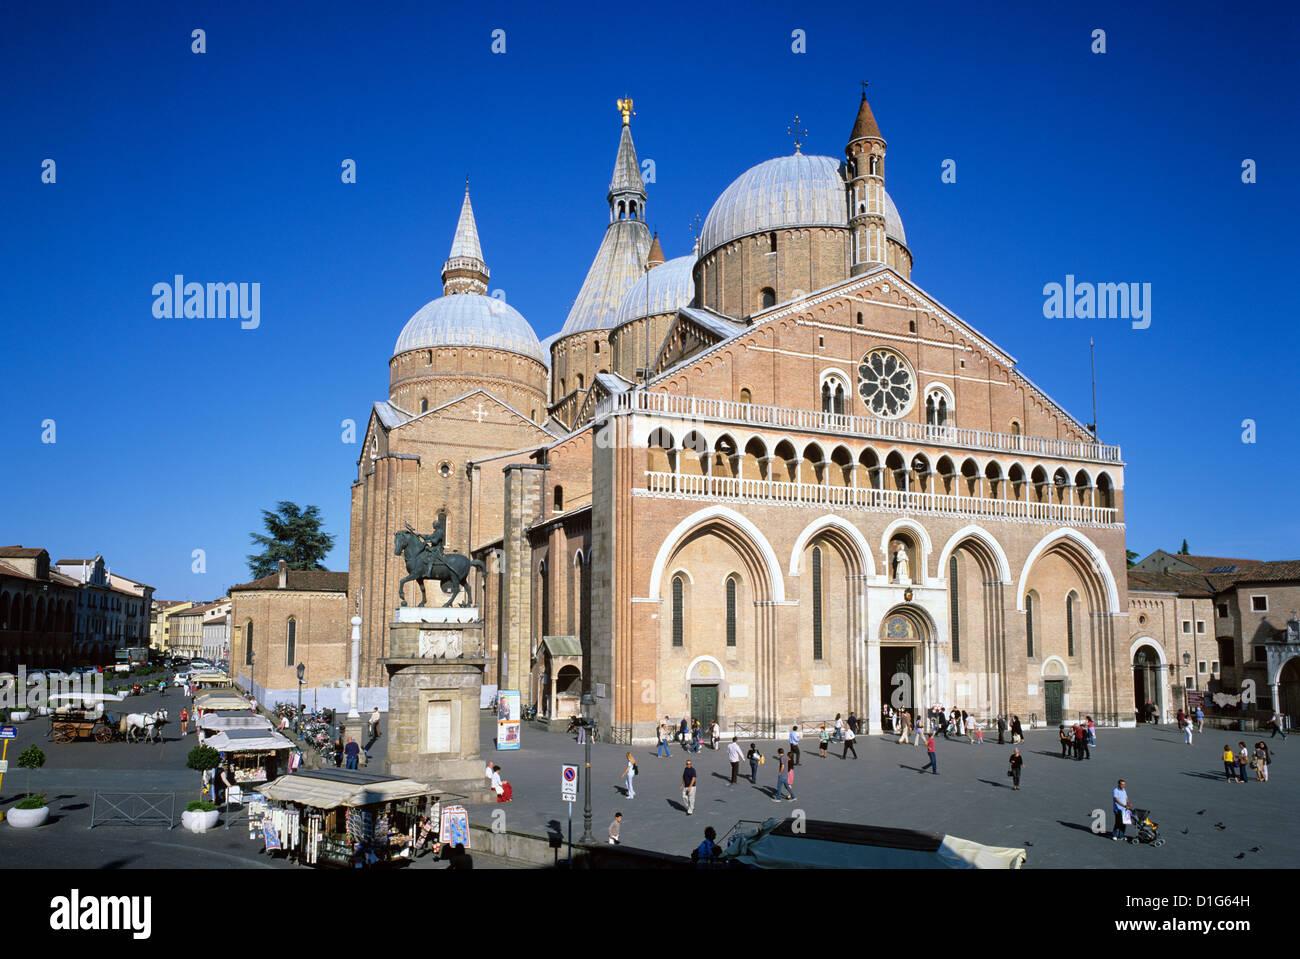 Il Santo (Basilica di San Antonio) and the Piazza del Santo, Padua, Veneto, Italy, Europe - Stock Image